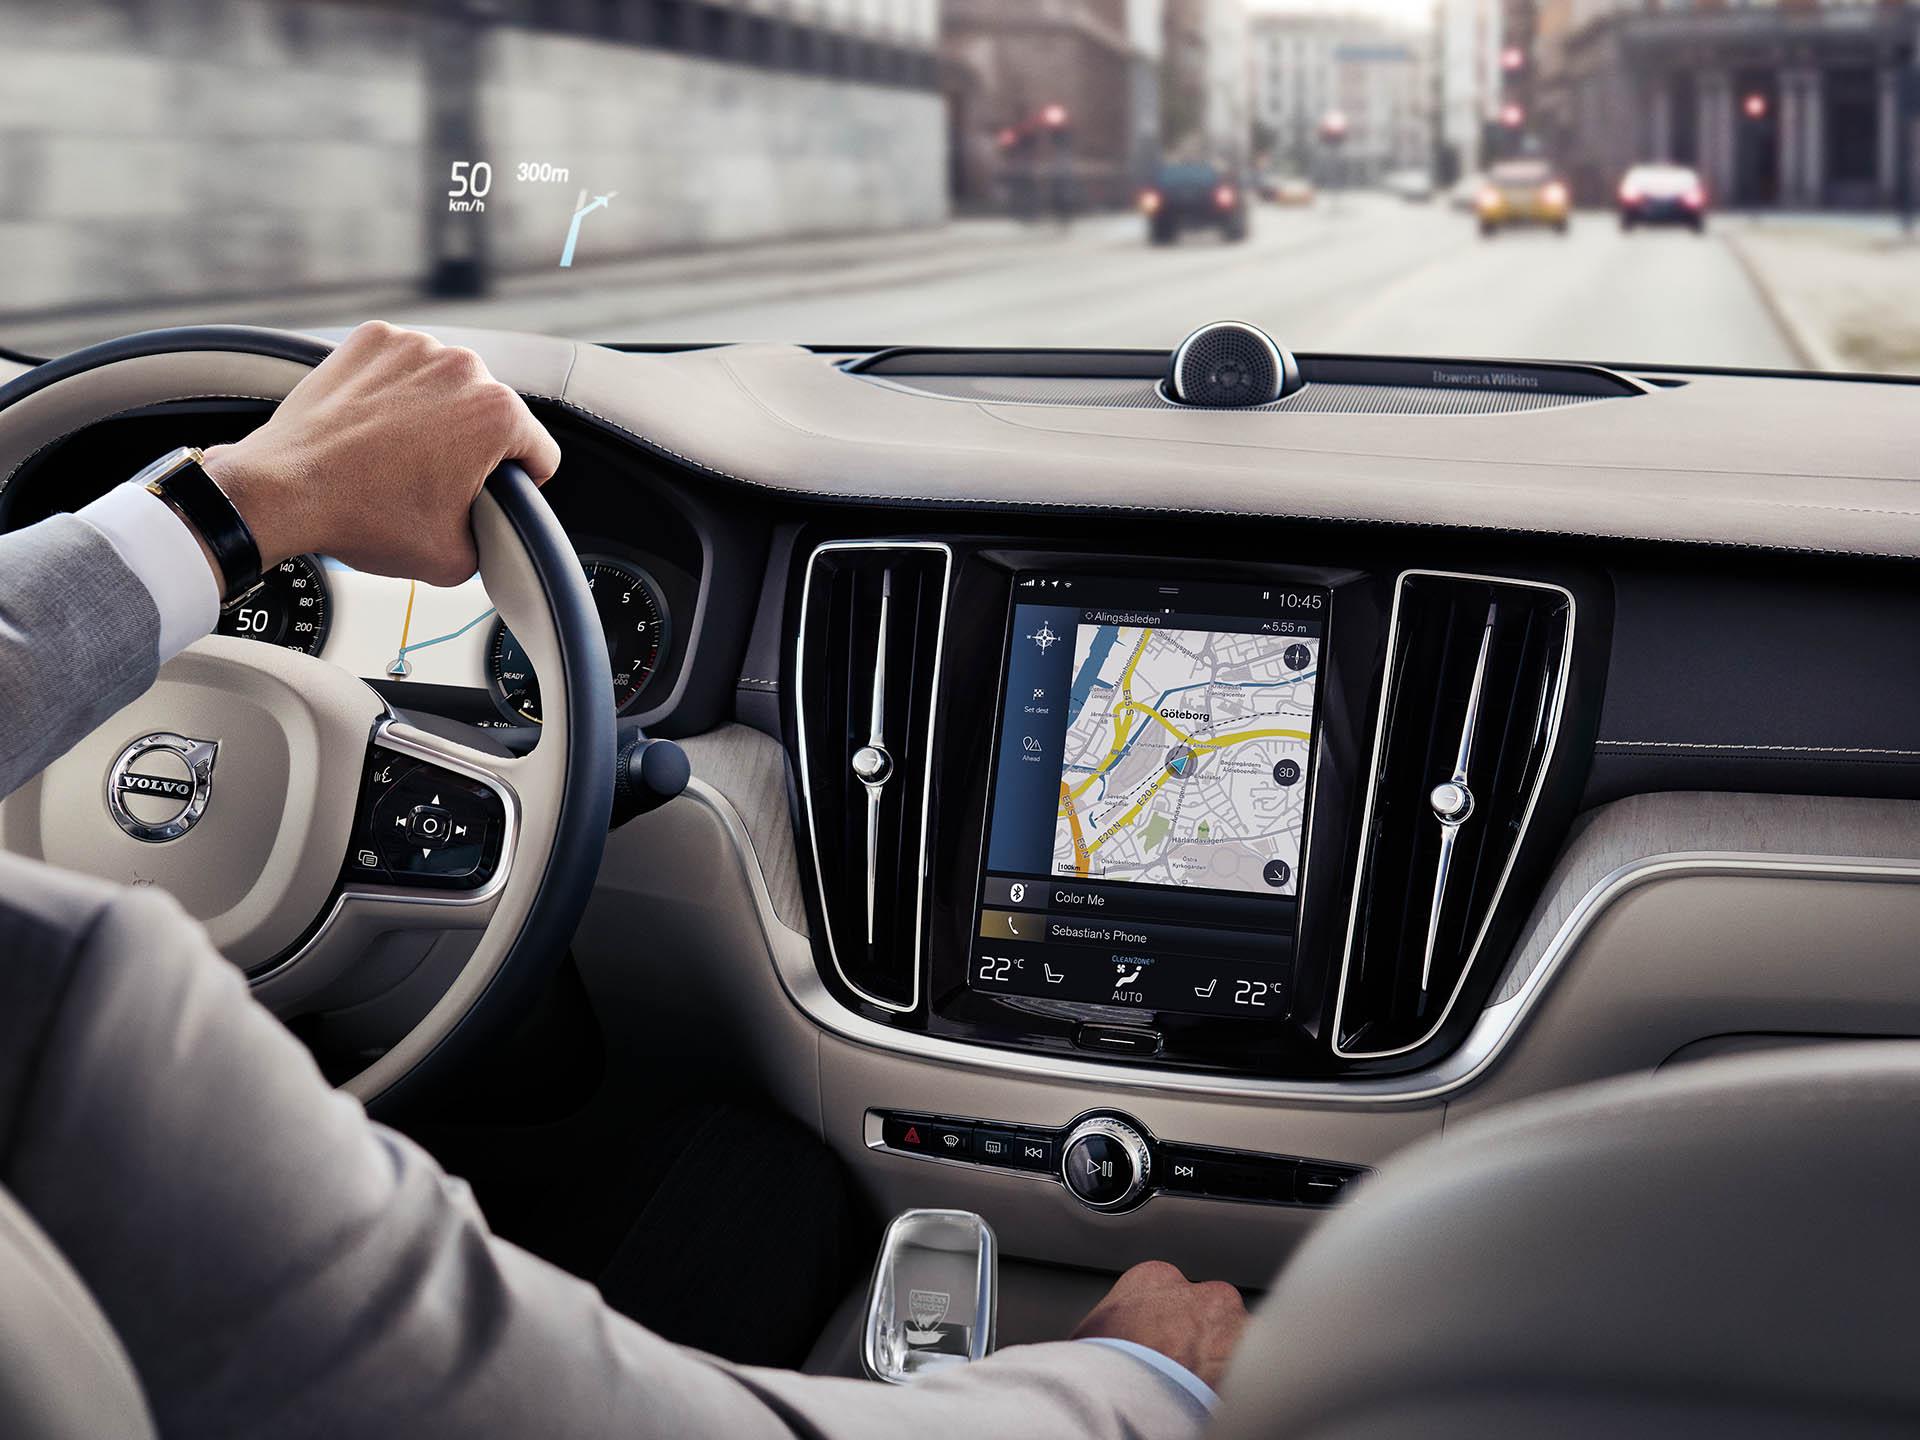 Interiér sedanu Volvo, muž idúci po ceste a využívajúci navigačný systém